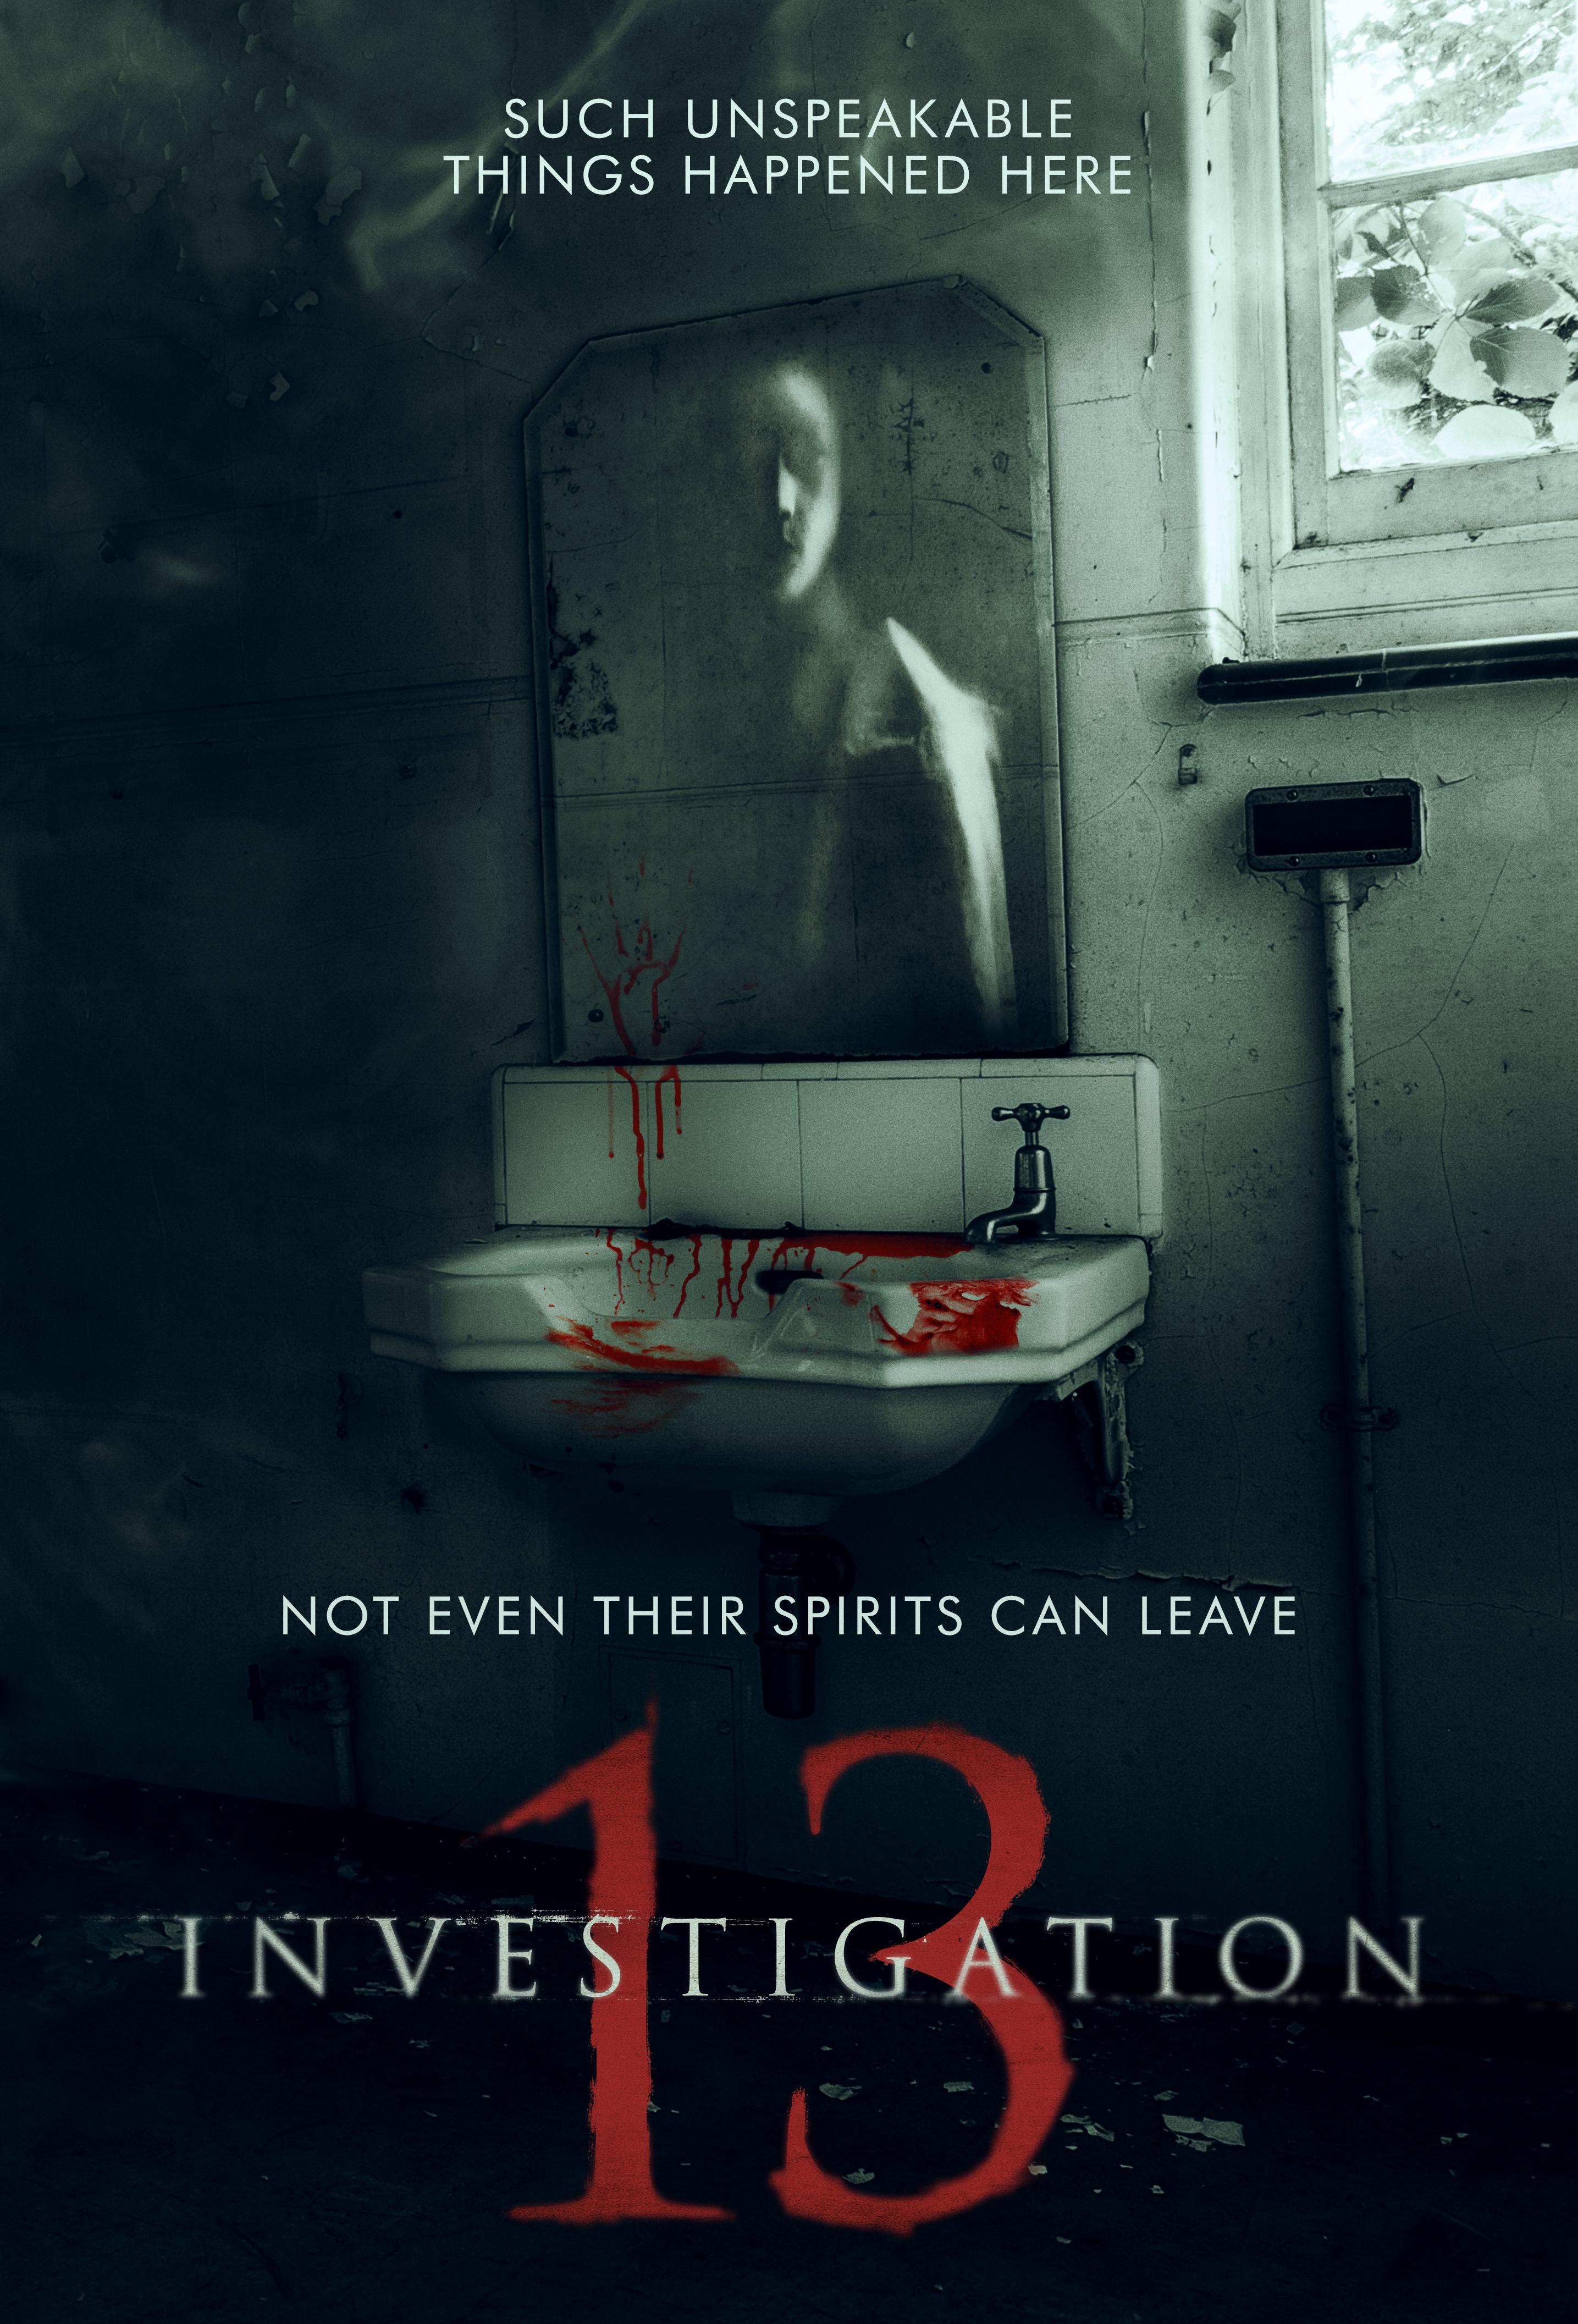 دانلود فیلم Investigation 13 2019